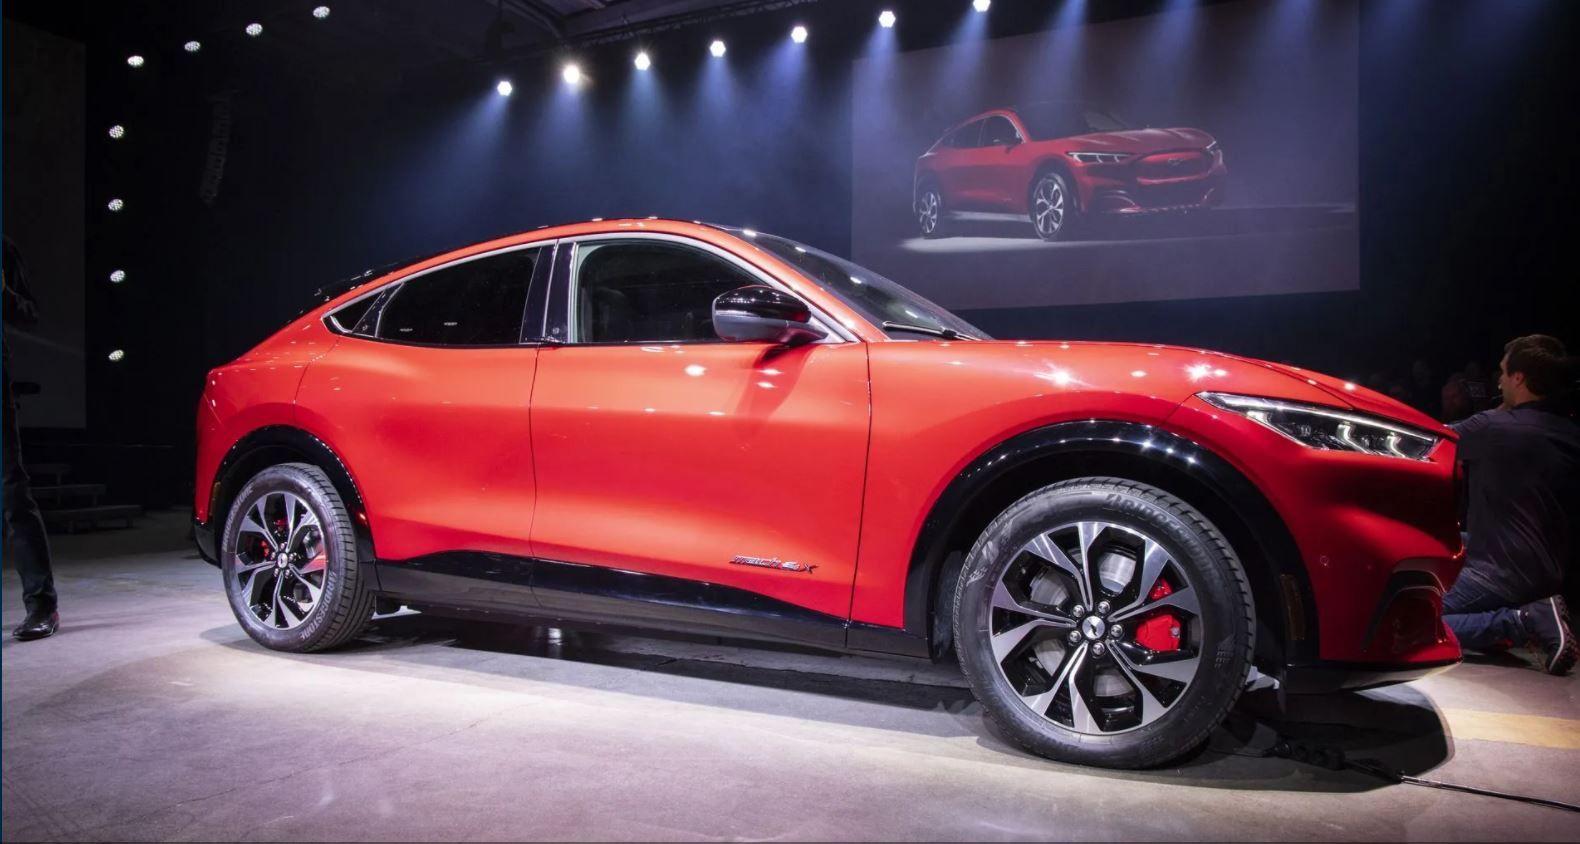 Kan nye Ford Mustang Mach-E bli myndighetens nye favoritt?